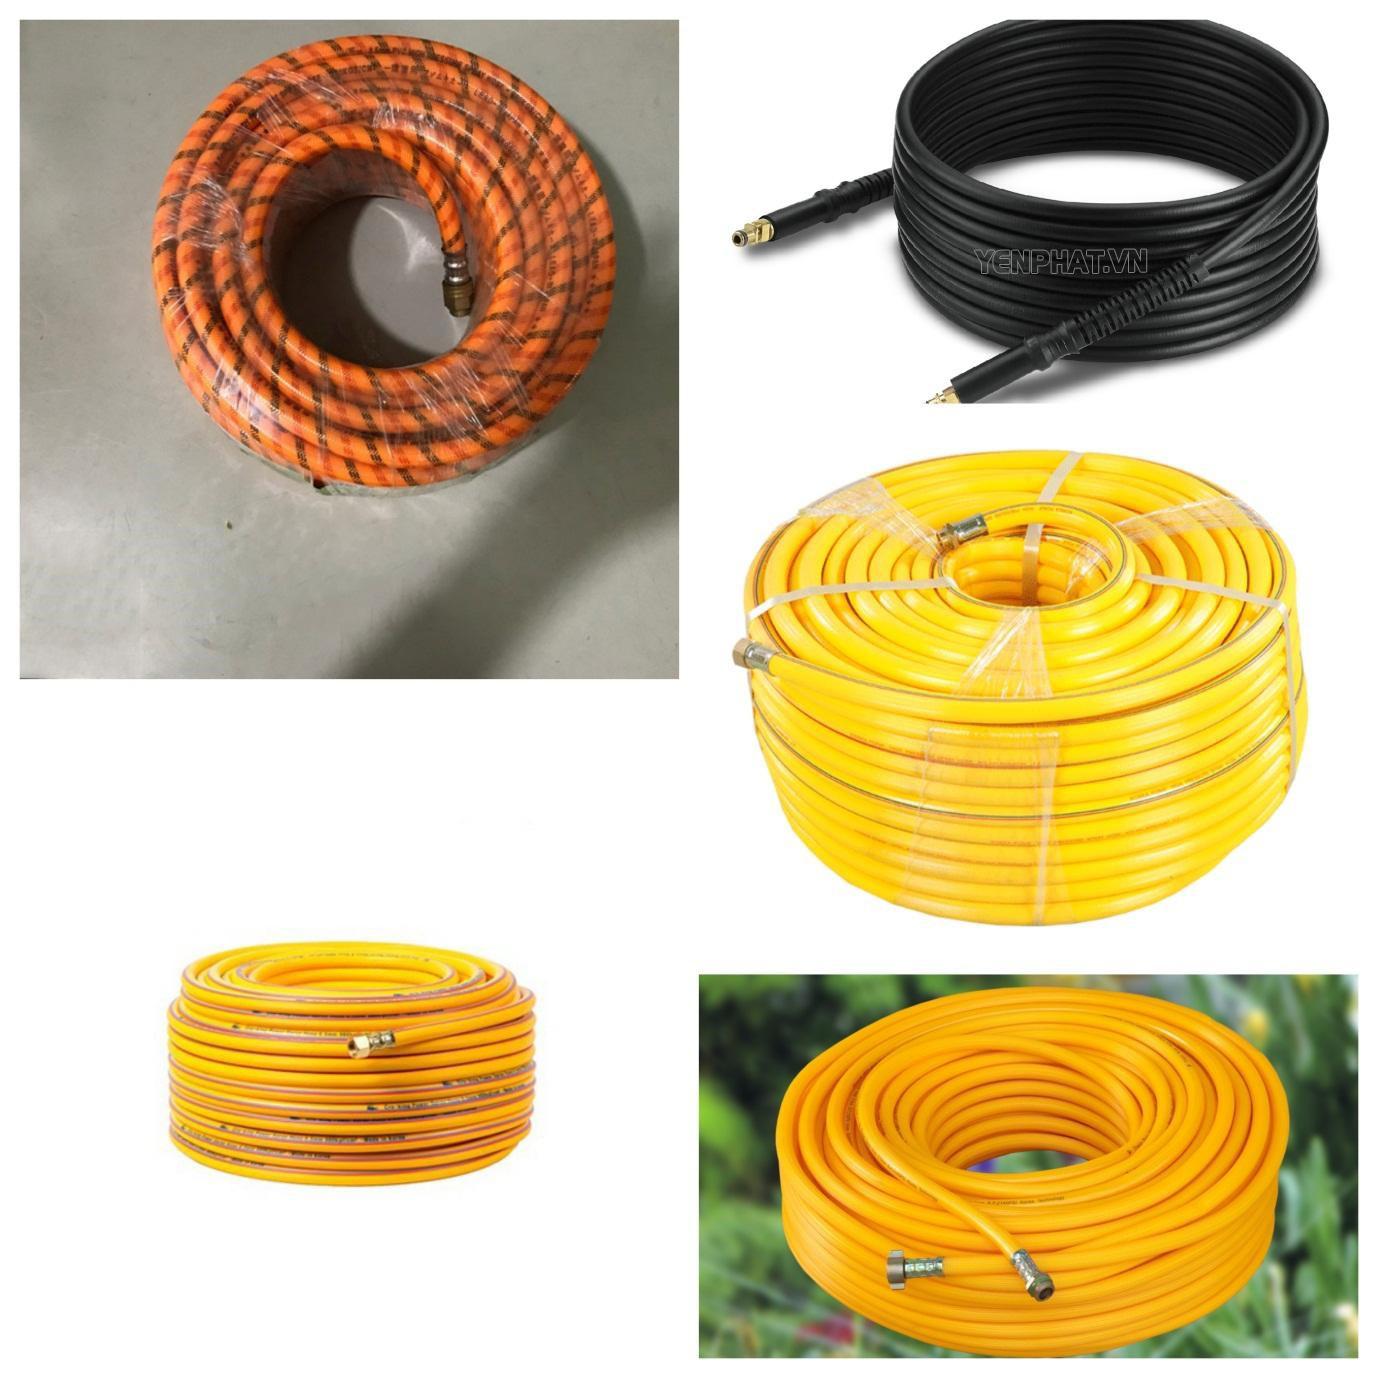 Nên lựa chọn loại dây dẫn phù hợp với mục đích sử dụng